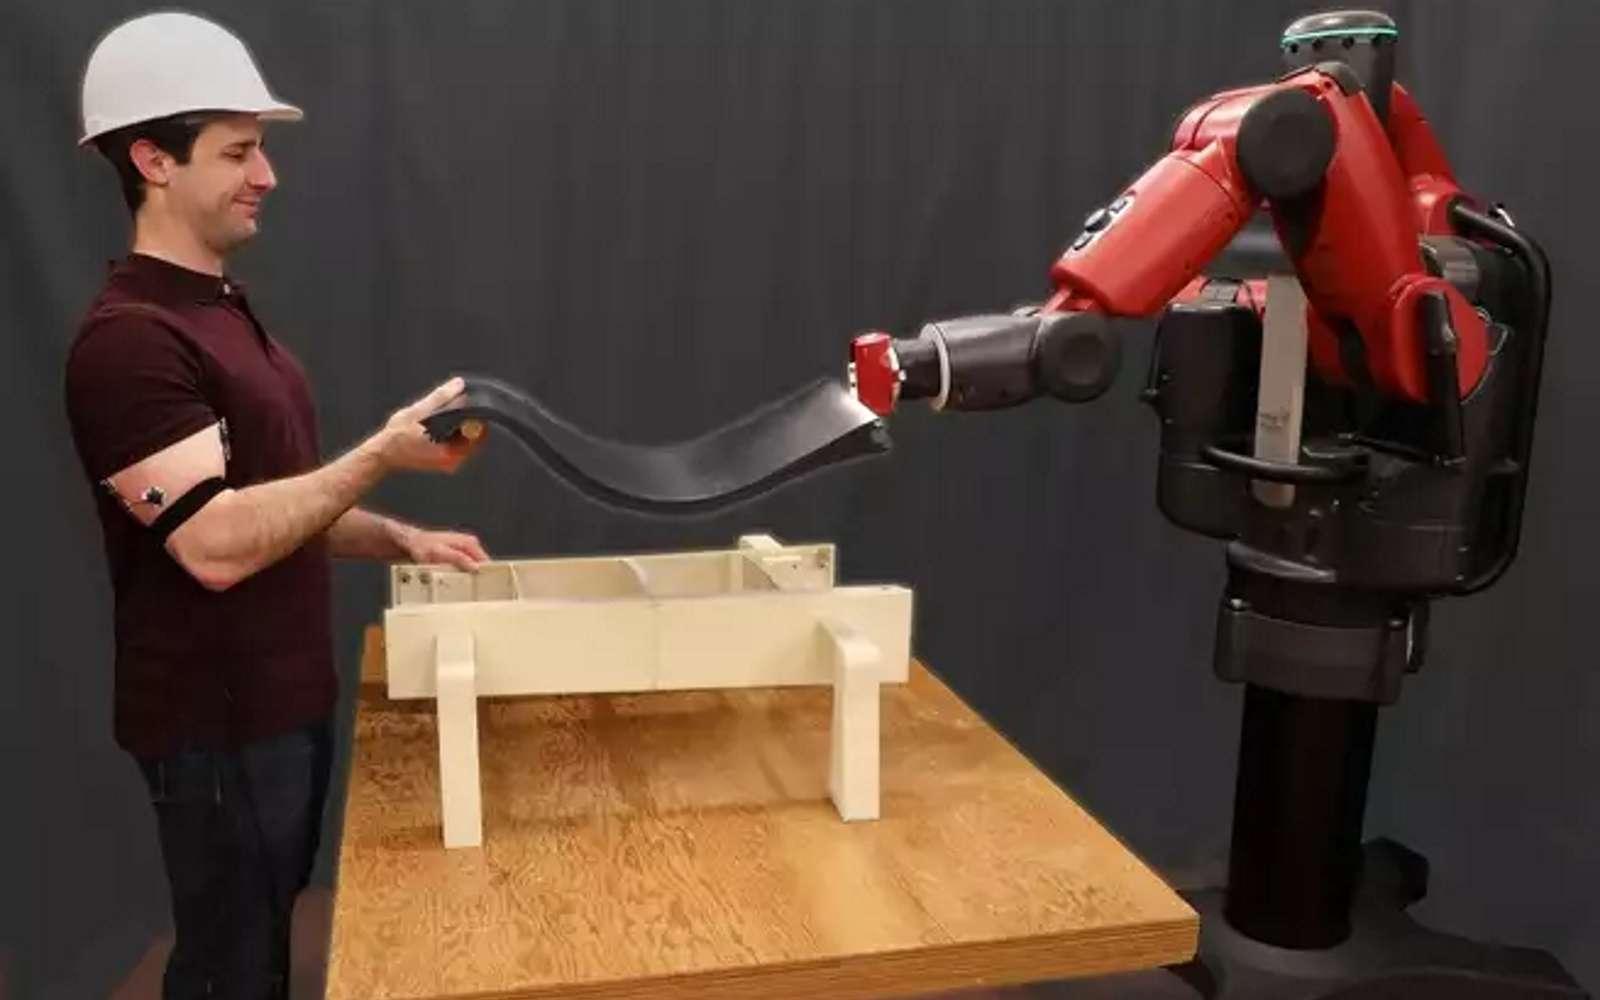 Via les signaux électriques de l'activité musculaire, des capteurs EMG permettent au robot d'évaluer les mouvements et la force à exercer pour soulever un objet avec un humain. © MIT